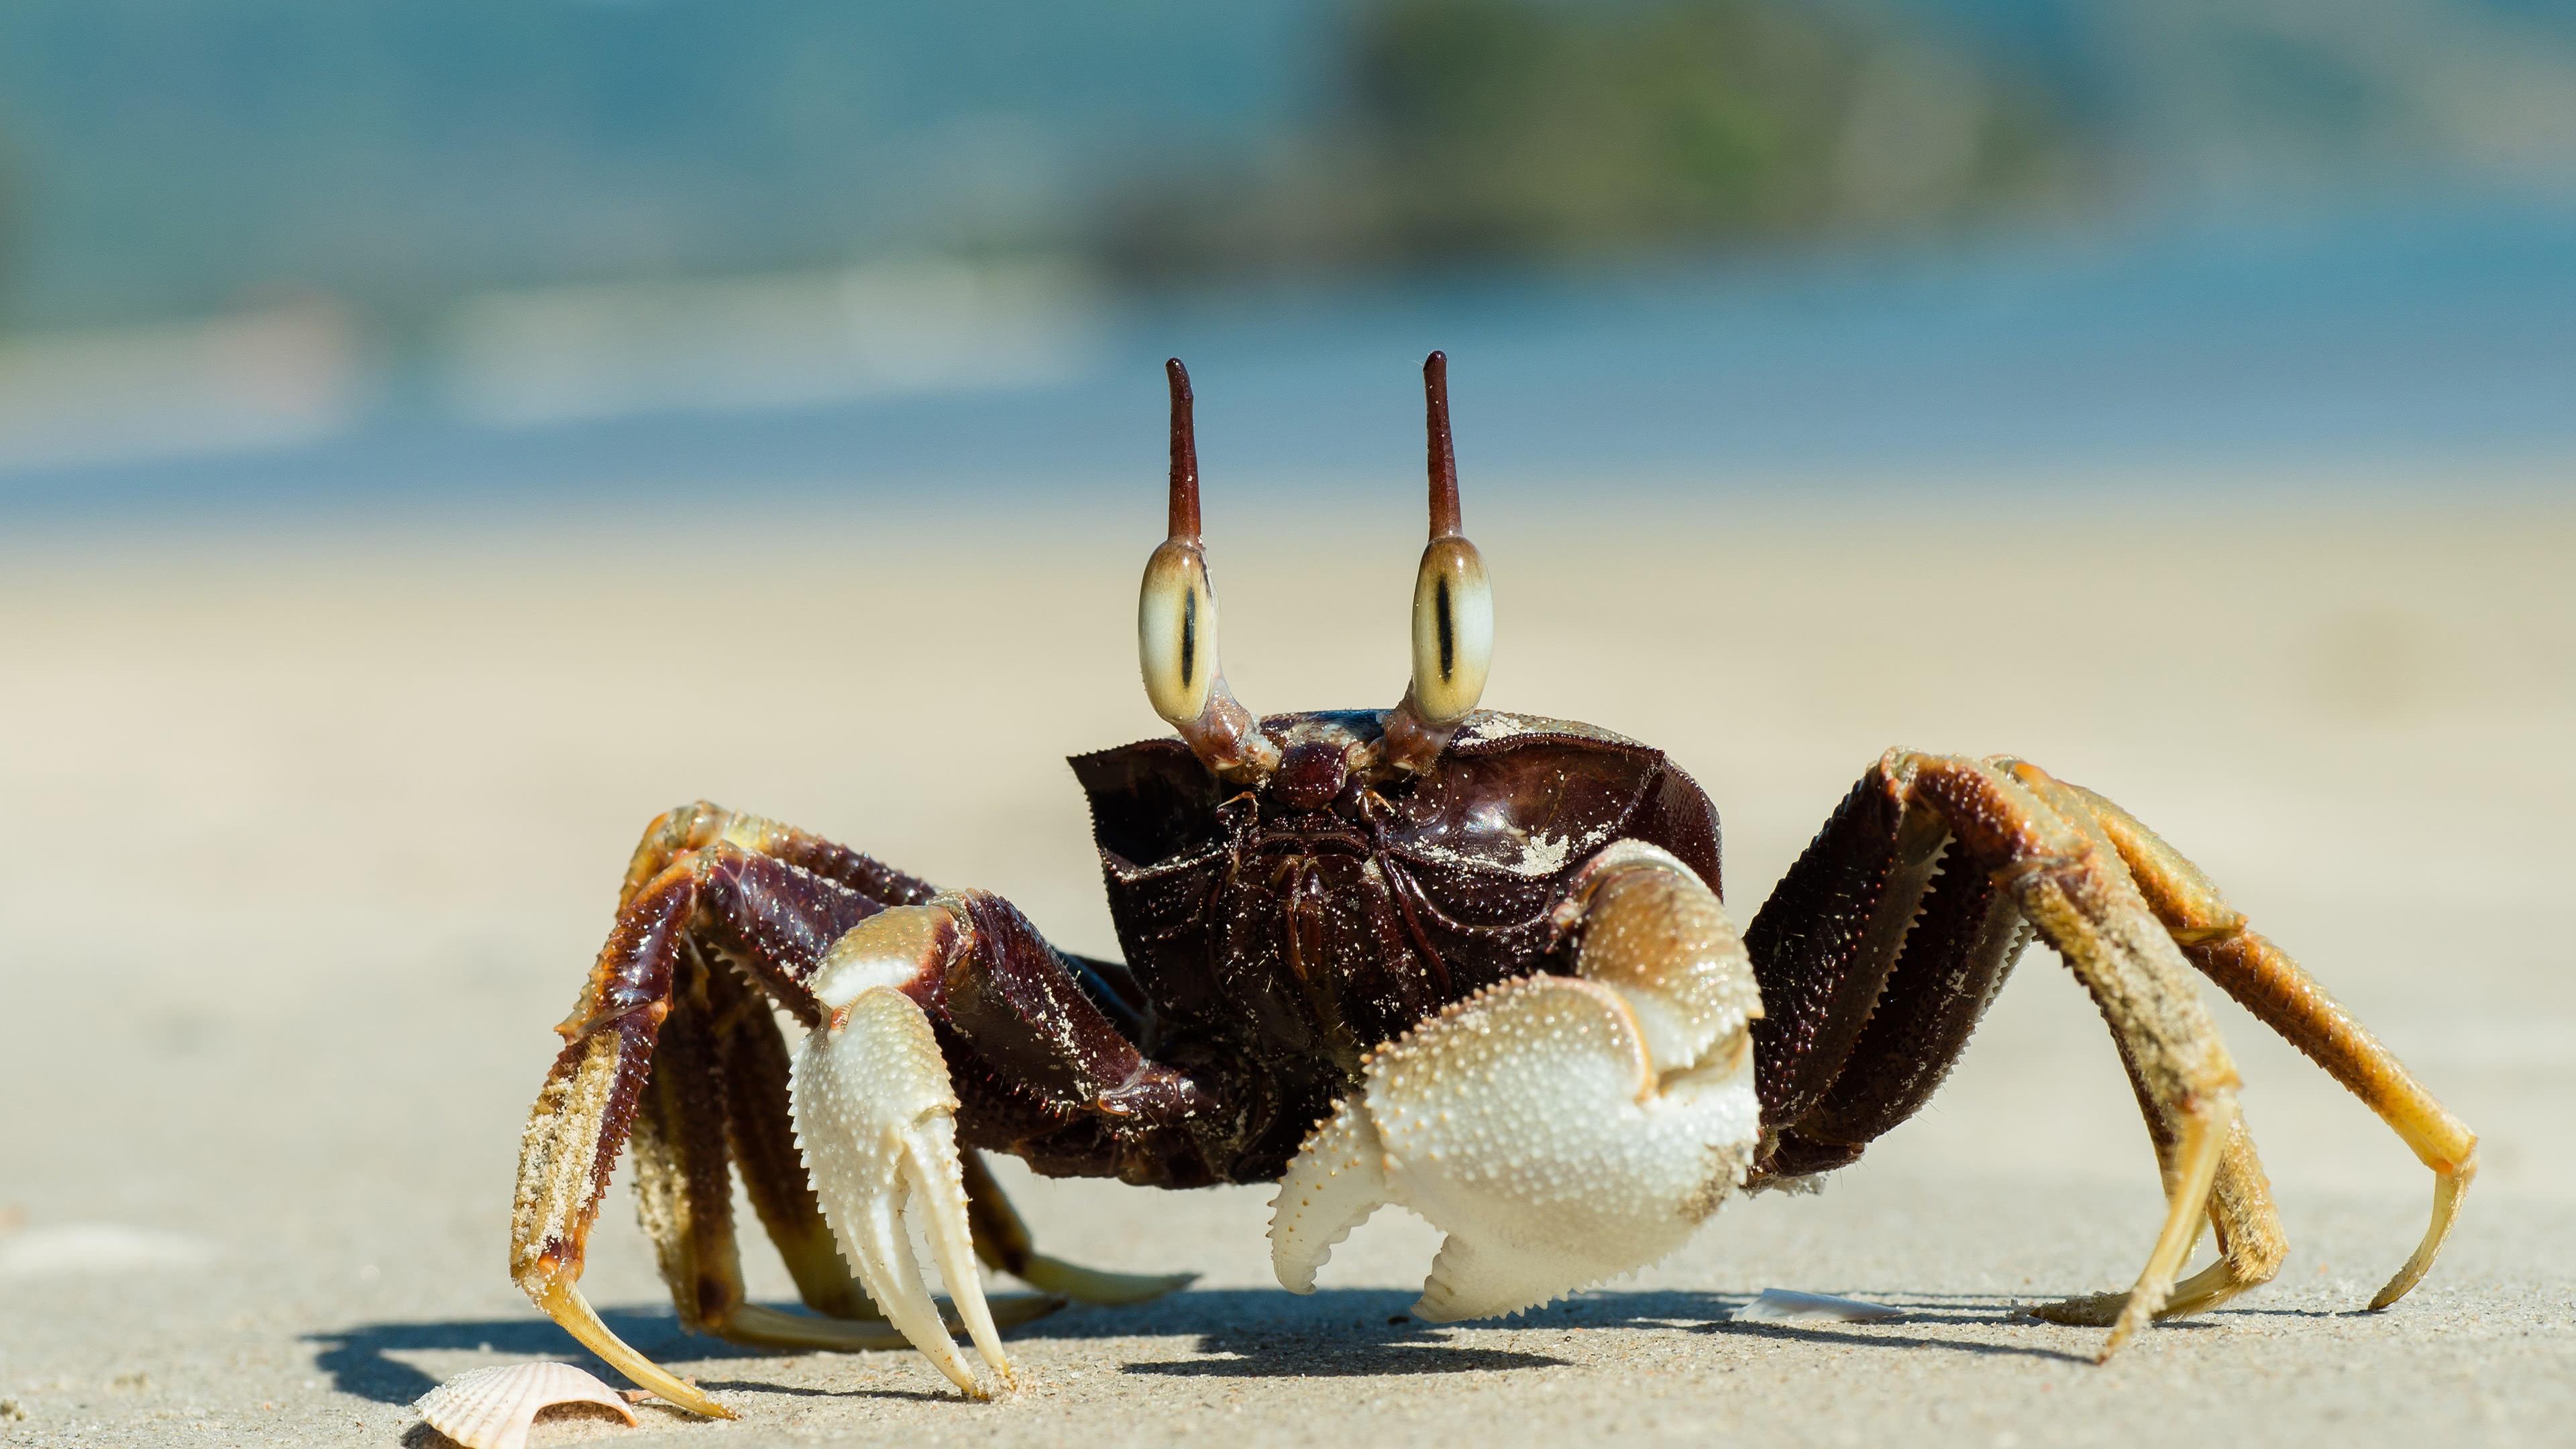 ghost crab uhd 4k wallpaper